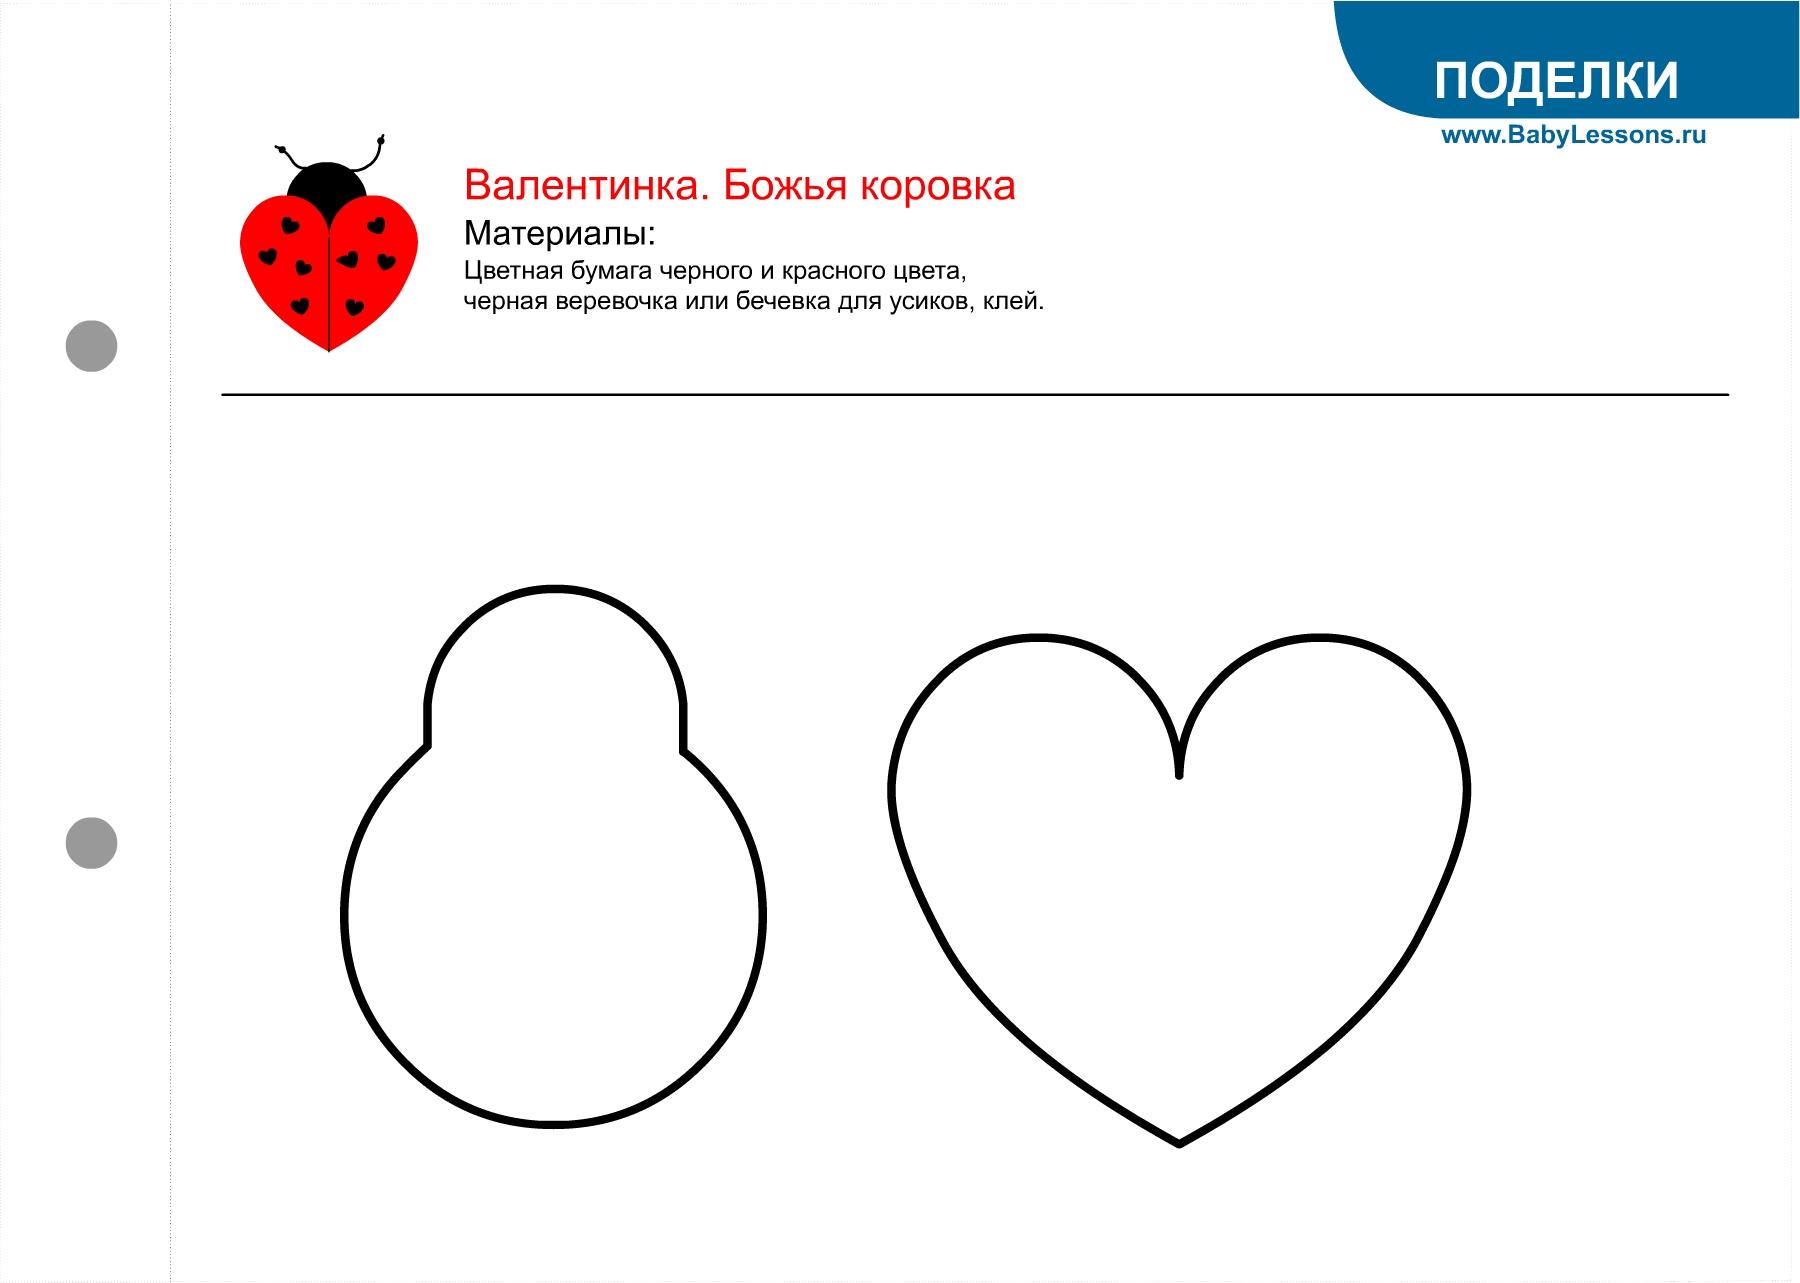 Рисунки валентинок своими руками 26